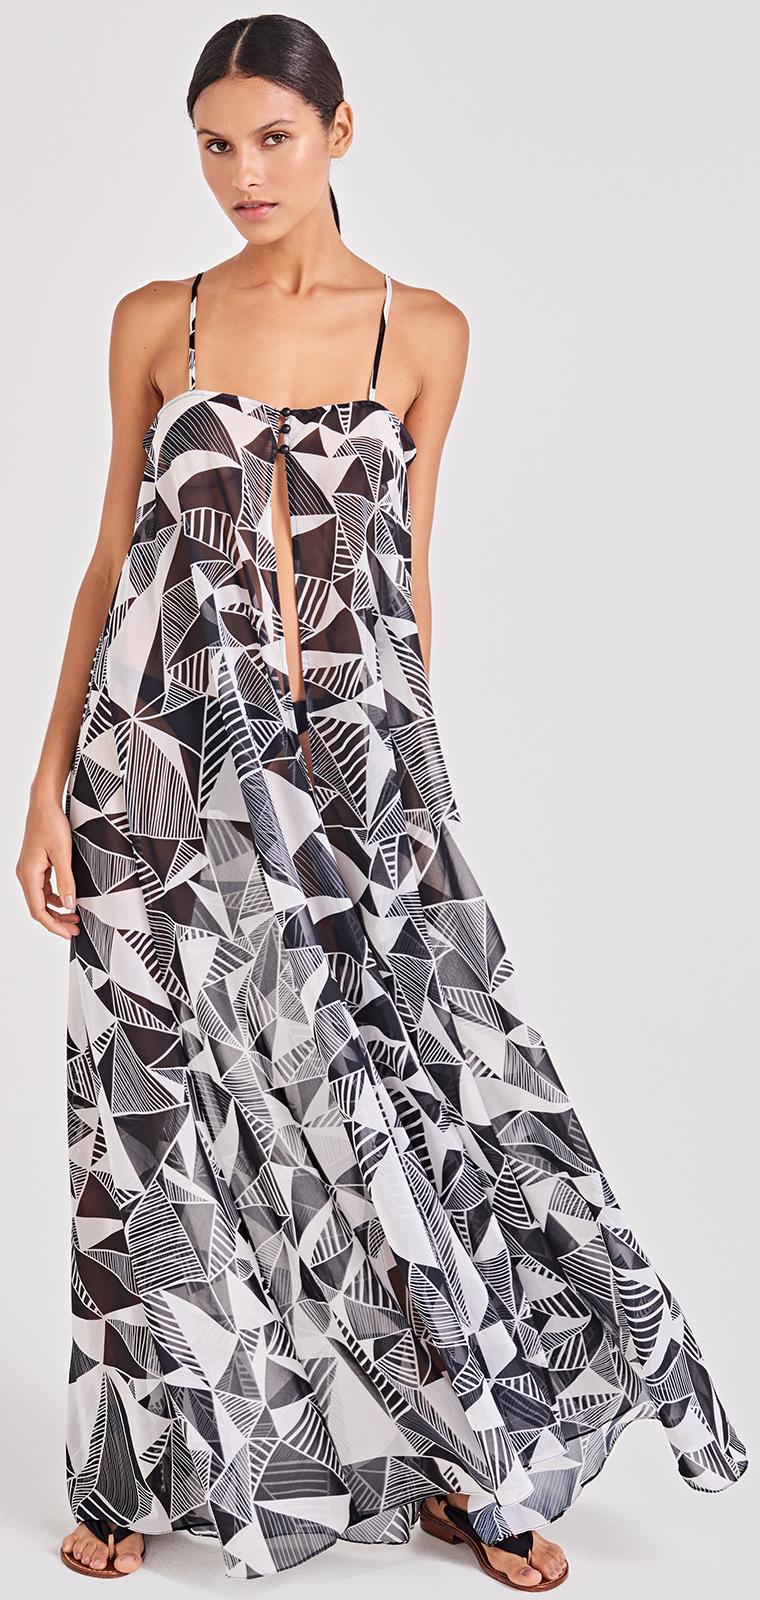 size 40 52c0c e523c Vestito Lungo Da Spiaggia Bianco E Nero Geometrico - Leve Umbrellas